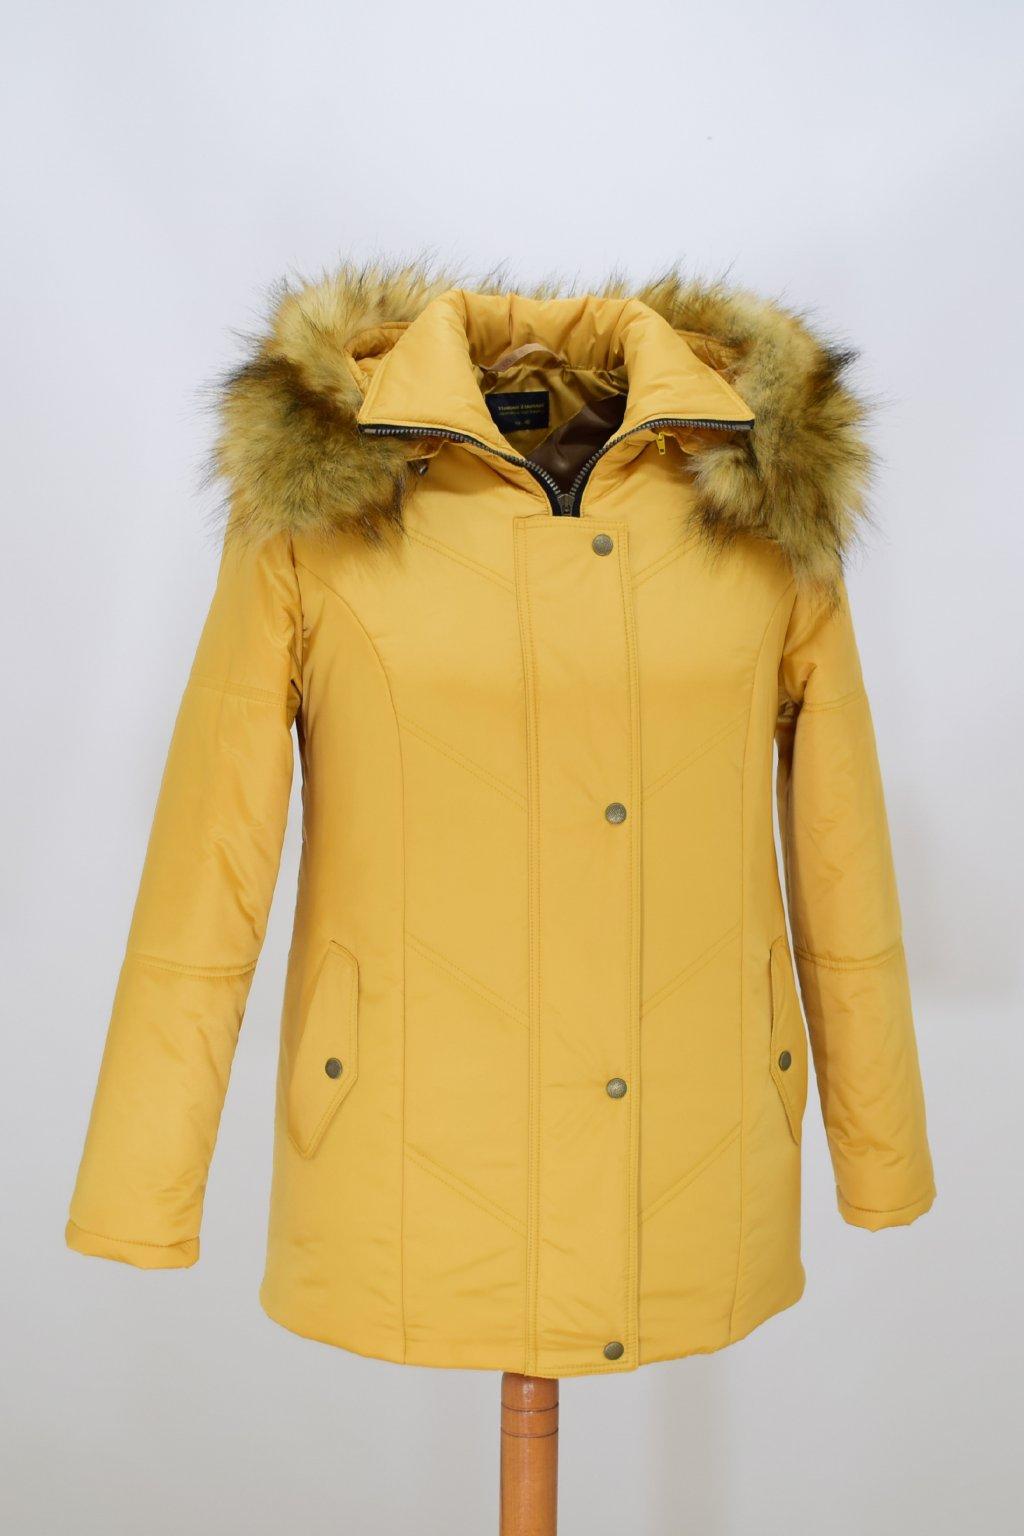 Dámská žlutá zimní bunda Saša nadměrné velikosti.